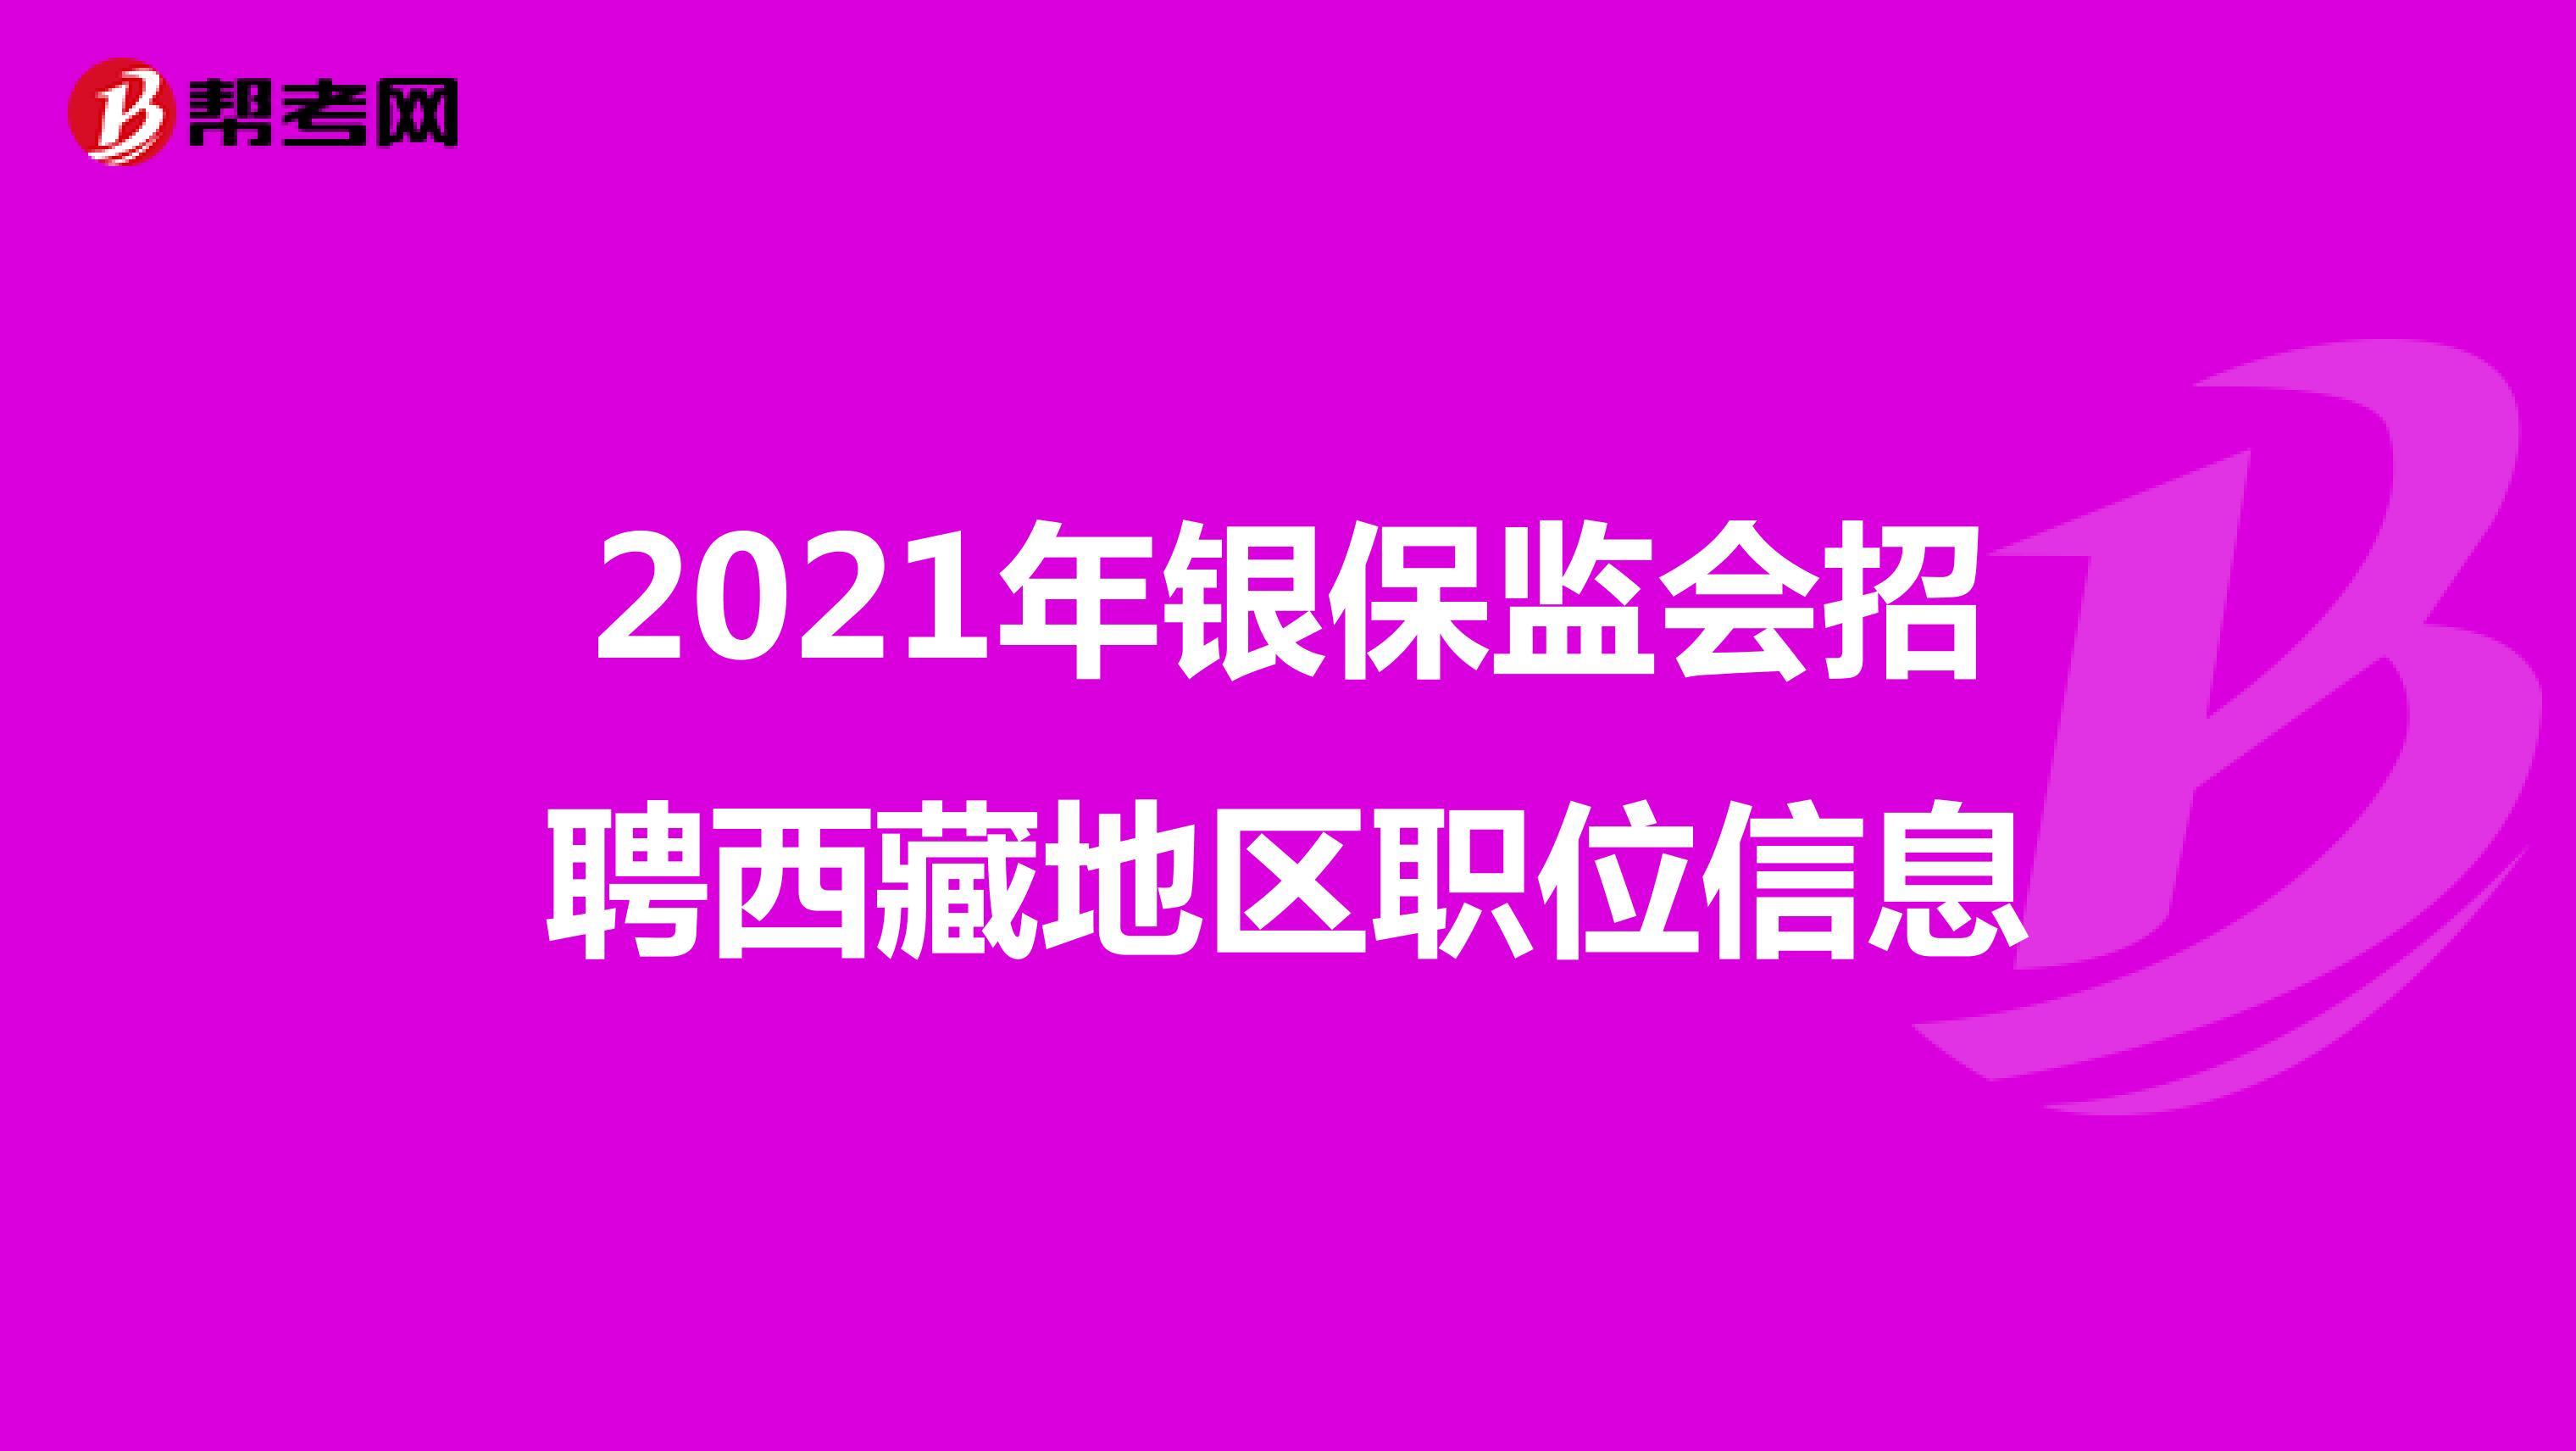 2021年银保监会招聘西藏地区职位信息